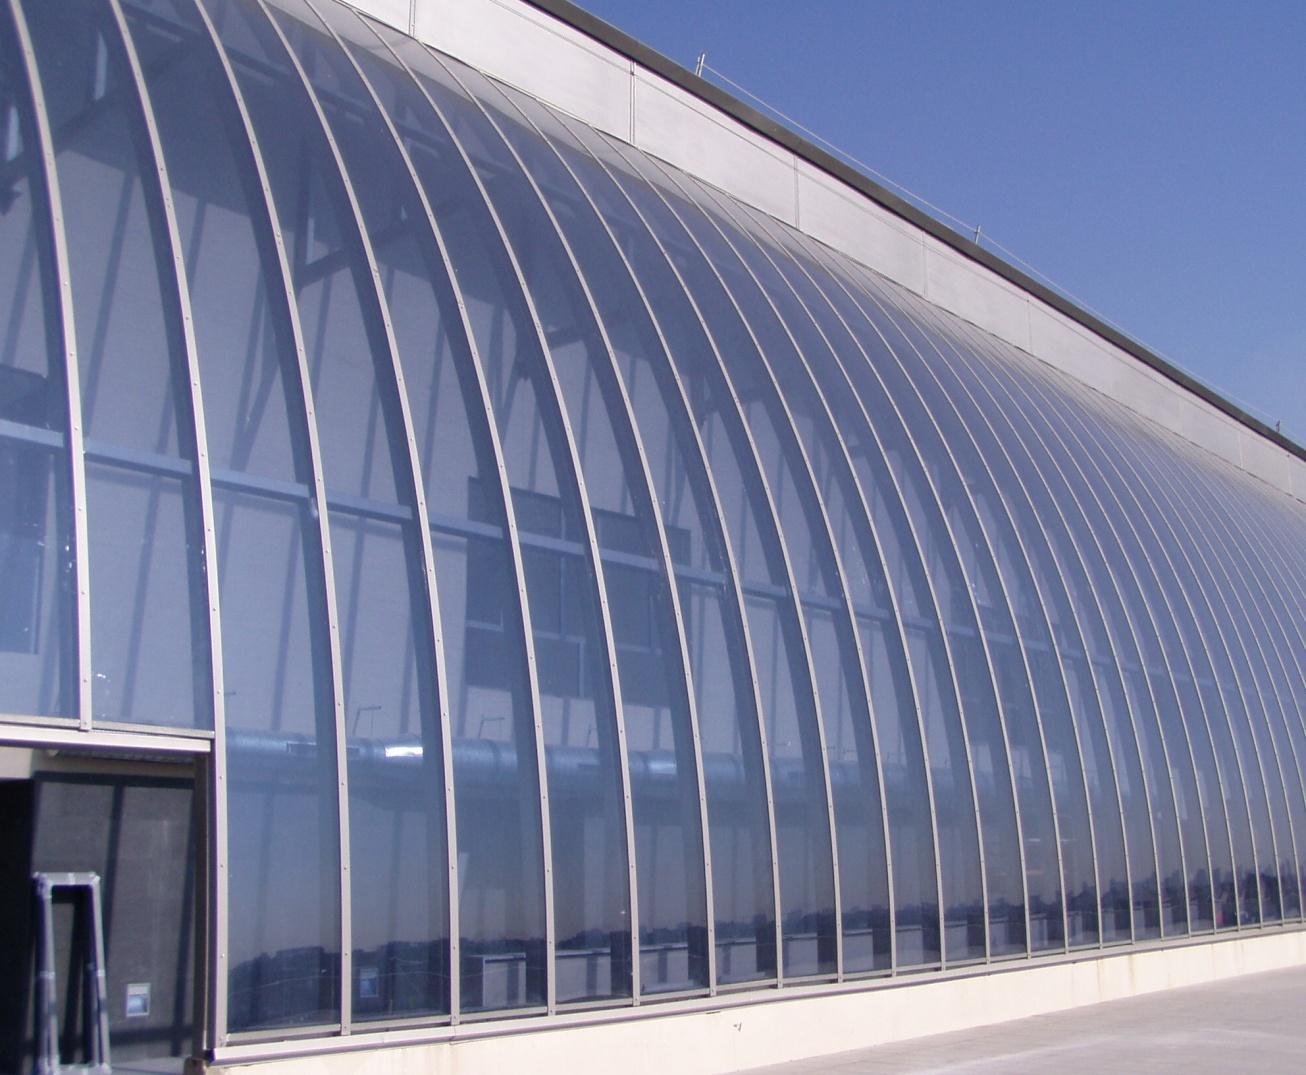 Fachadas policarbonato en fachada - Placa de policarbonato celular ...